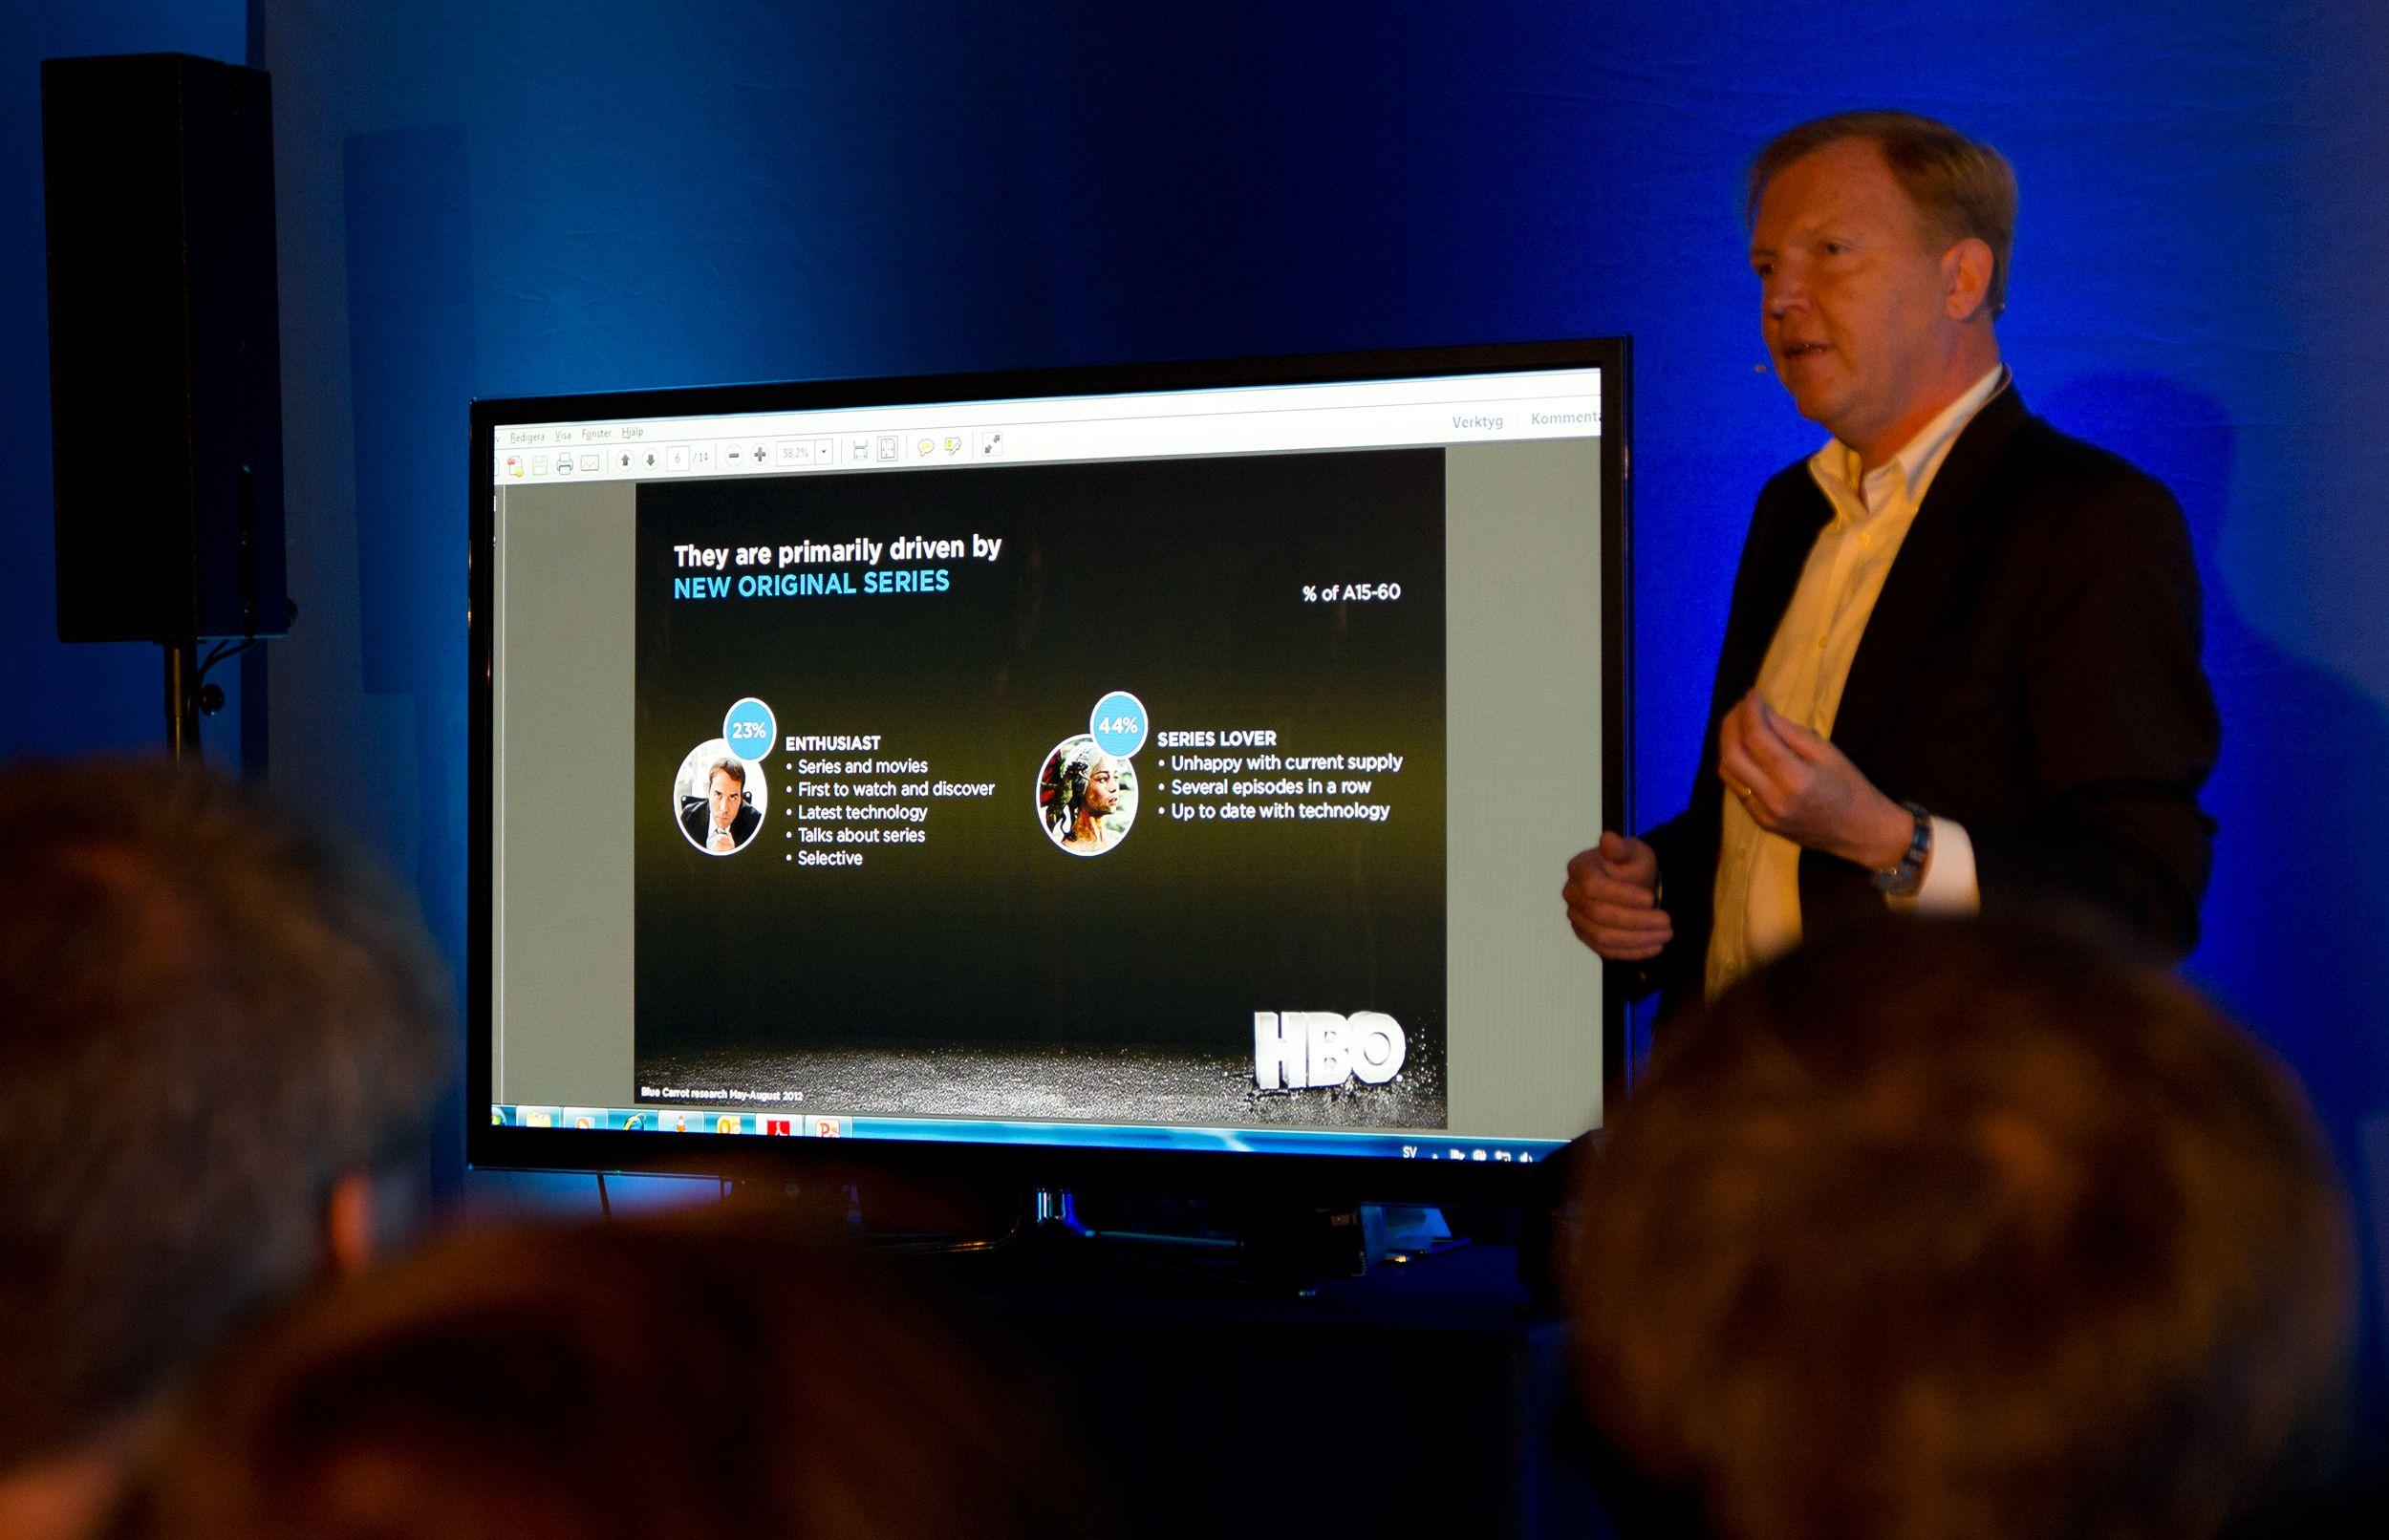 Hervé Payan fra HBO Nordic hadde mye spennende å fortelle, selv om Powerpoint-presentasjonen var noe underveldende.Foto: Rolf B. Wegner, Hardware.no